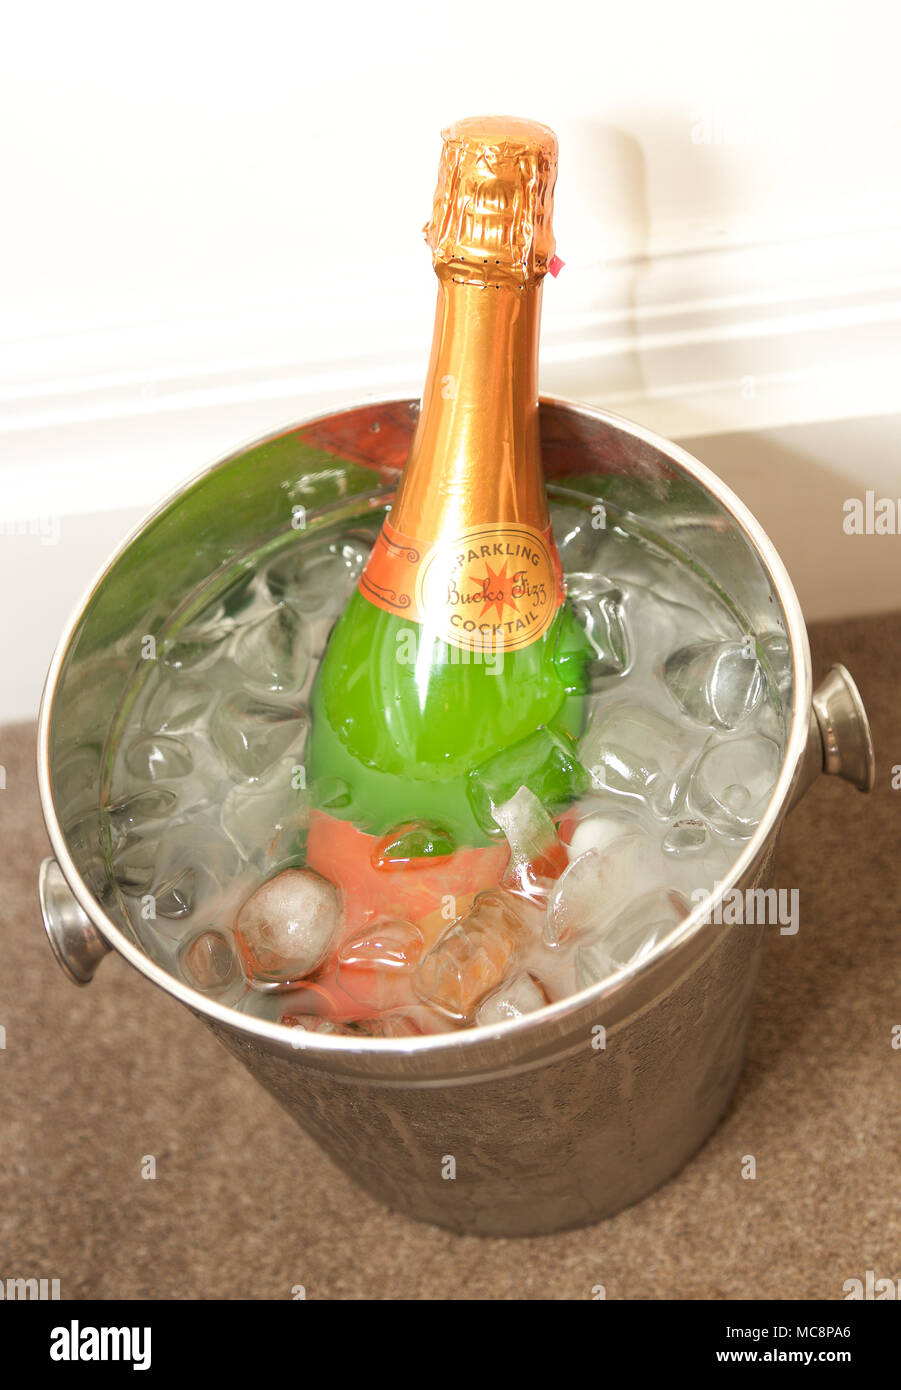 Bottle of Bucks Fizz in an ice bucket - Stock Image